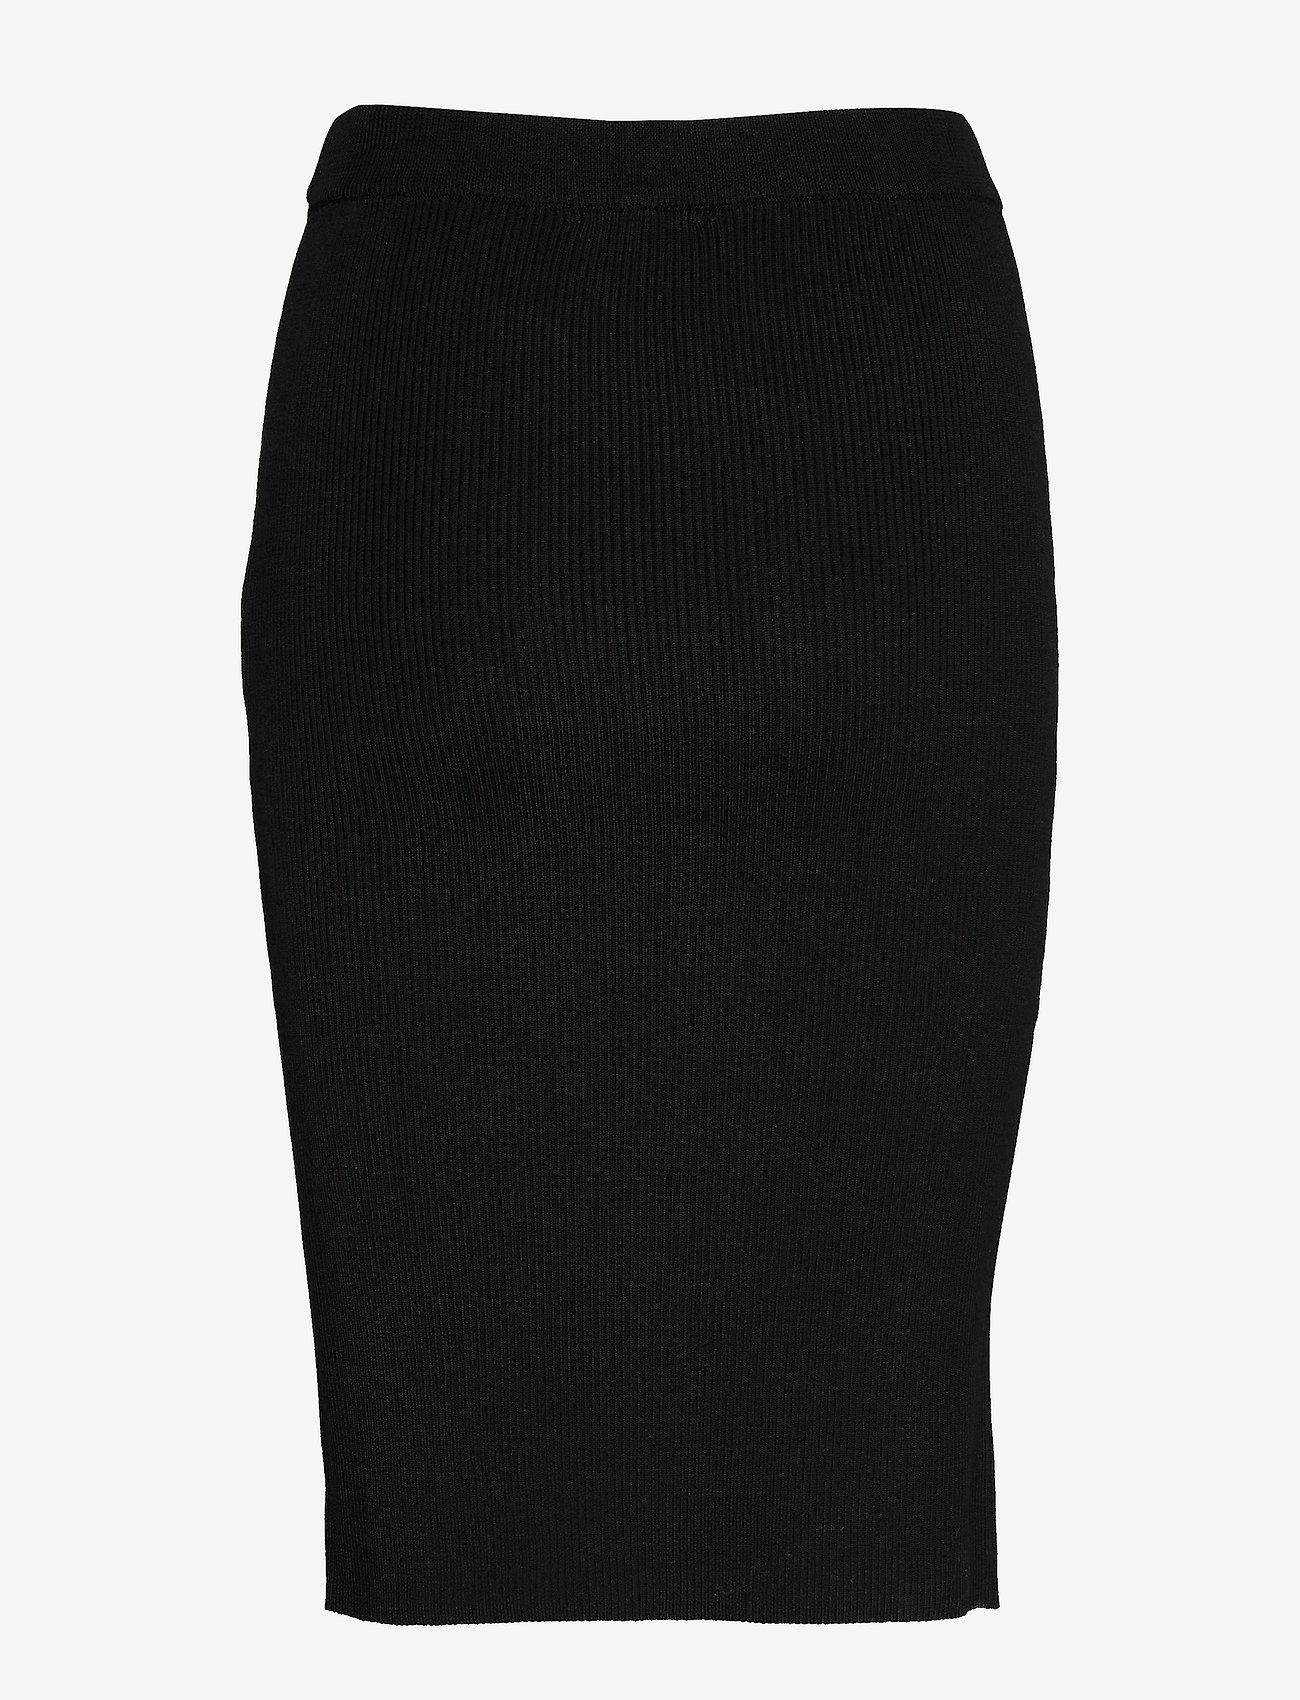 Rebecca Knitted Skirt (Black) (70.85 €) - Birgitte Herskind ORXXF